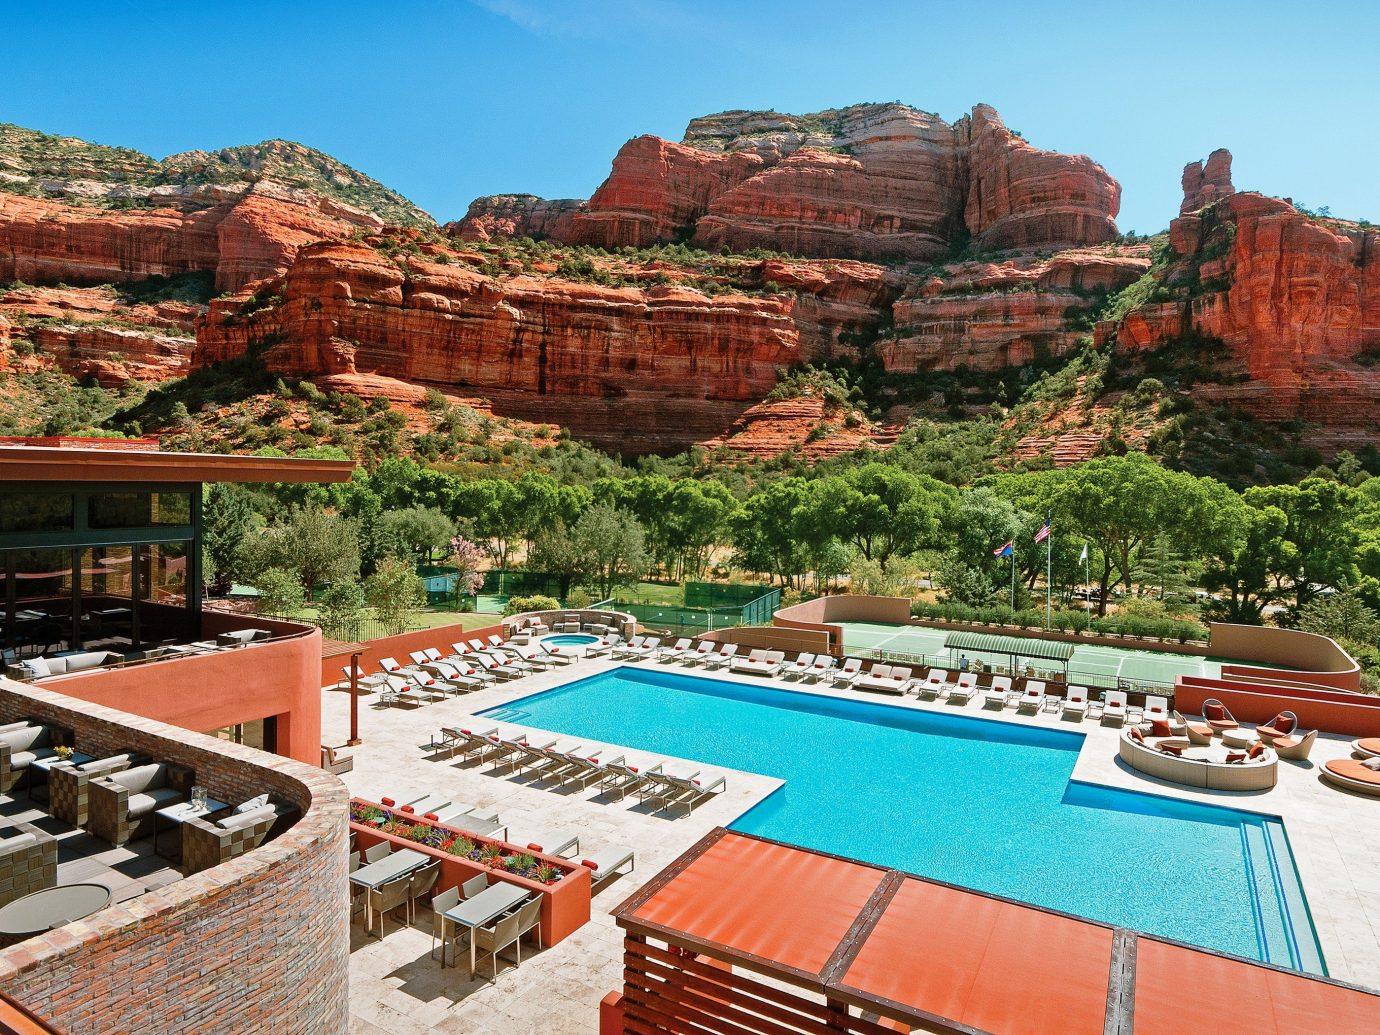 Pool at Enchantment Resort, Sedona